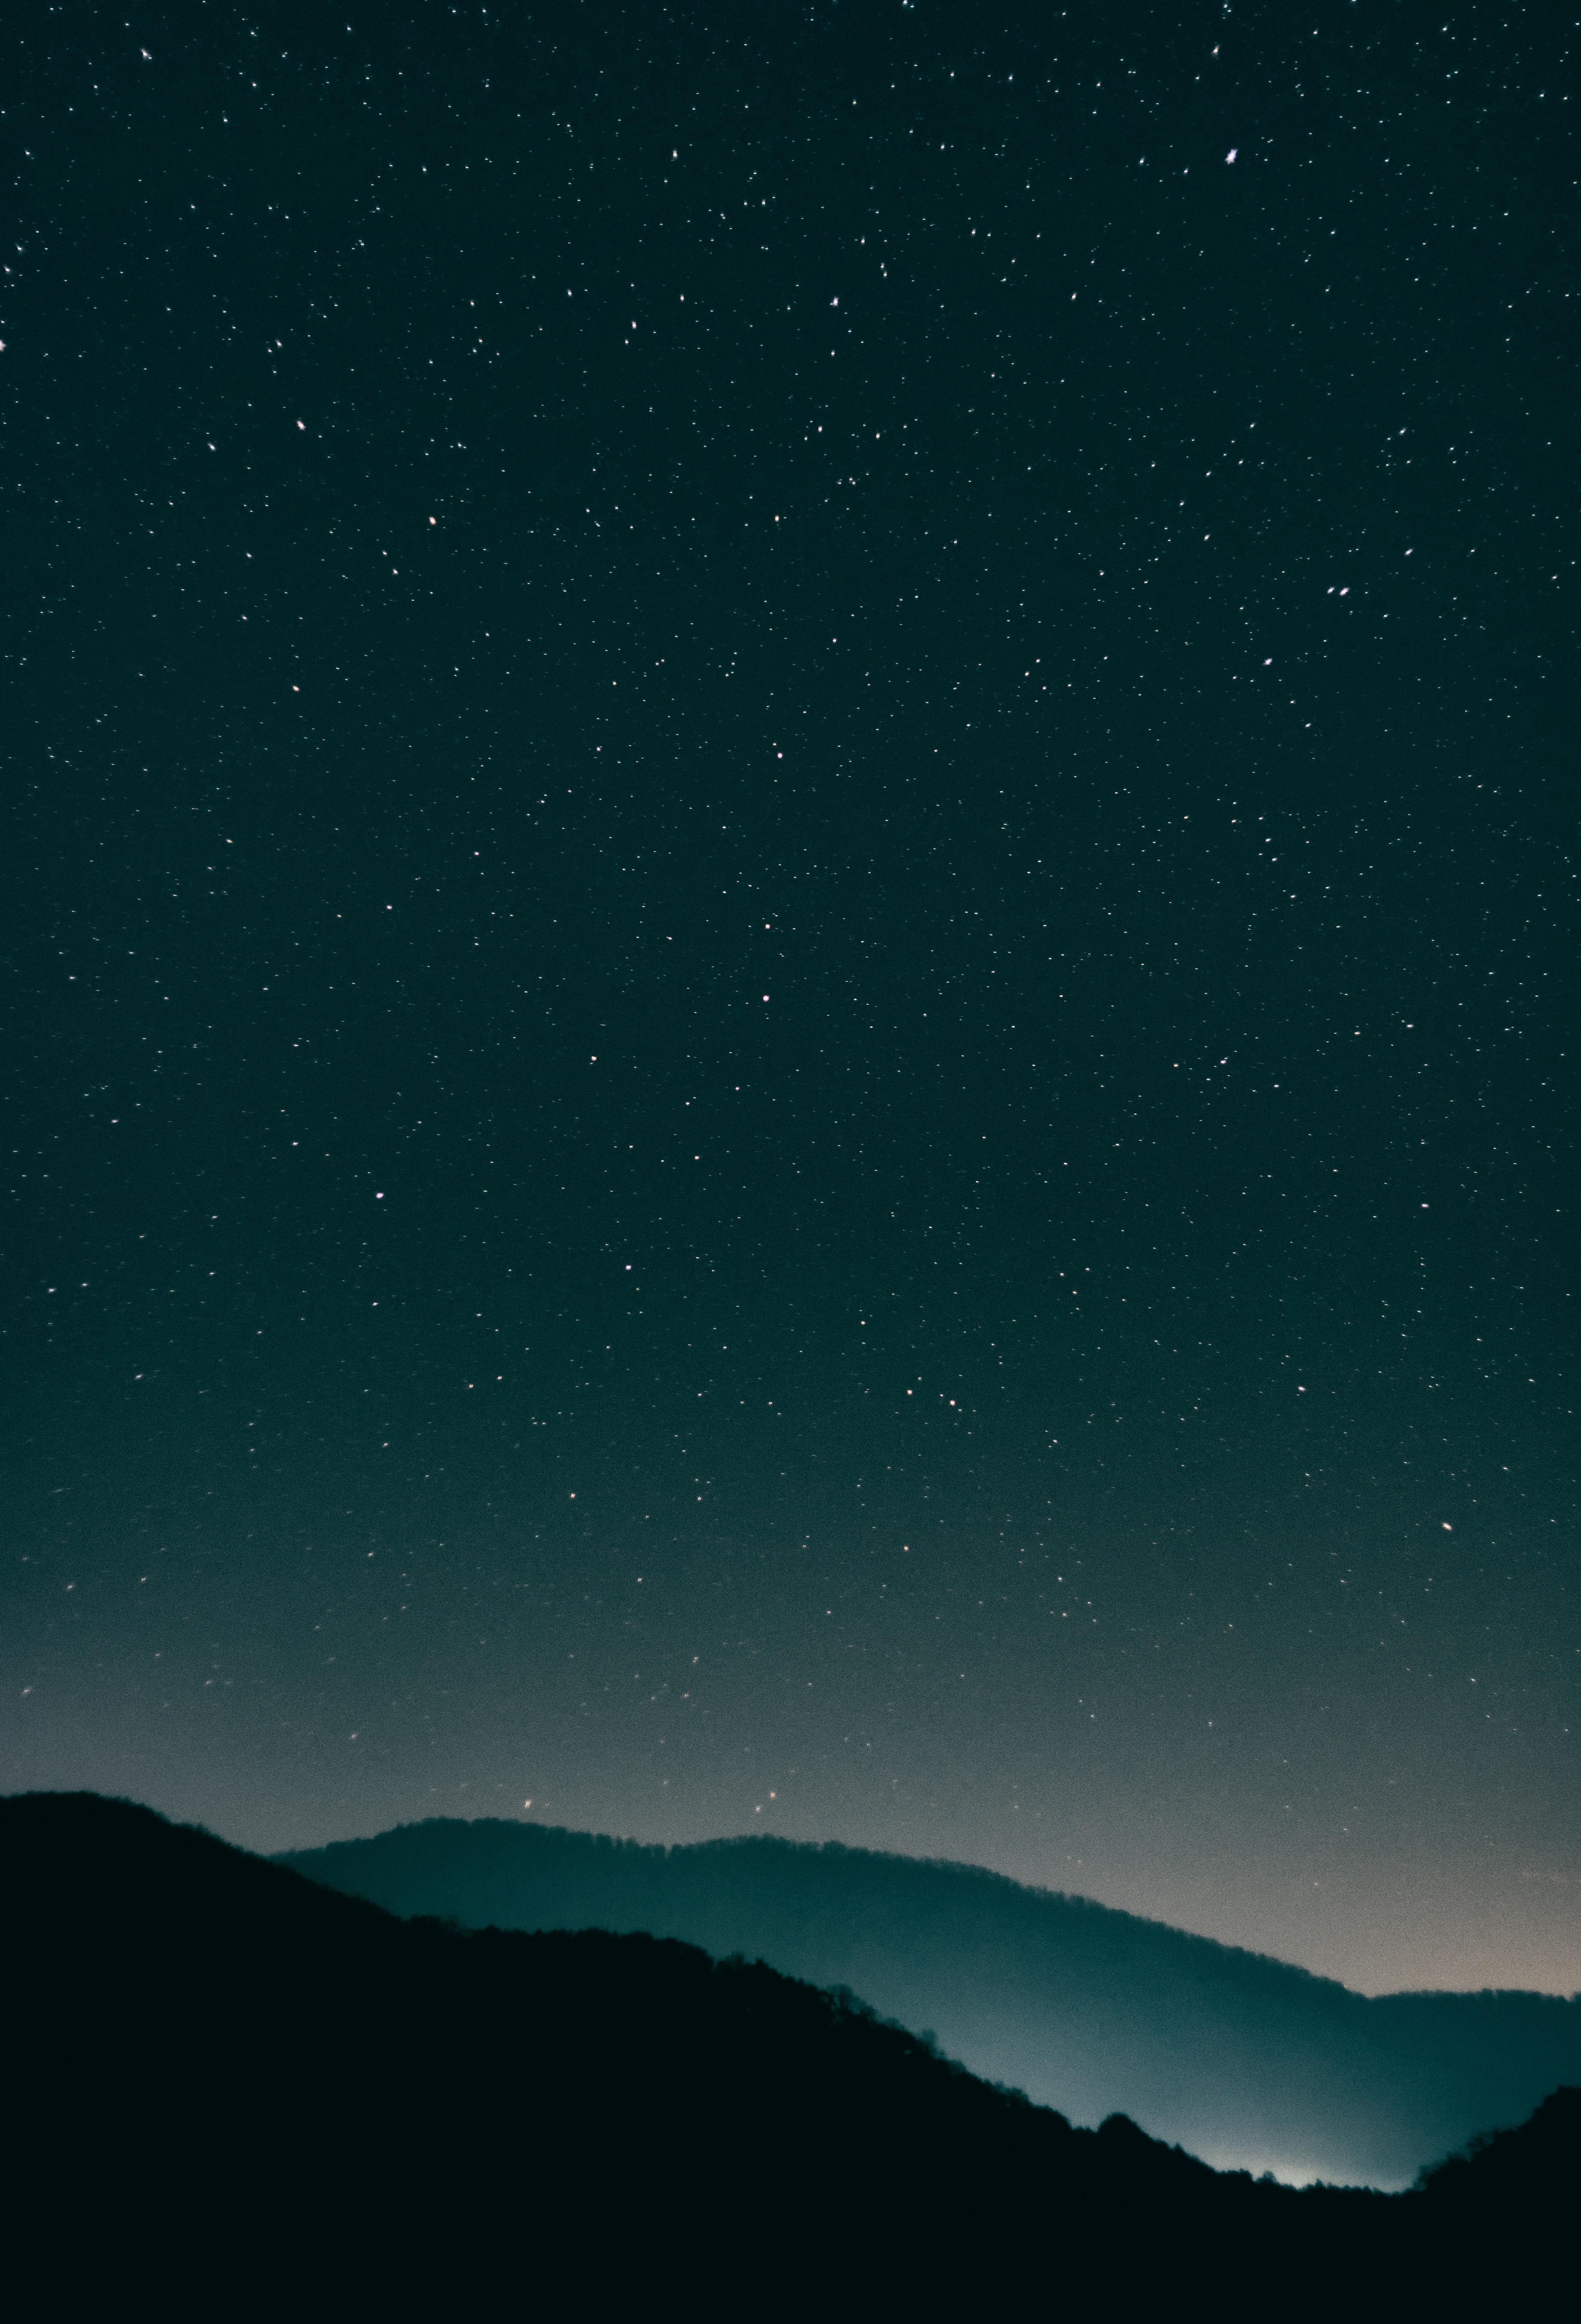 141433 скачать обои Темные, Звездное Небо, Ночь, Сияние, Горы - заставки и картинки бесплатно